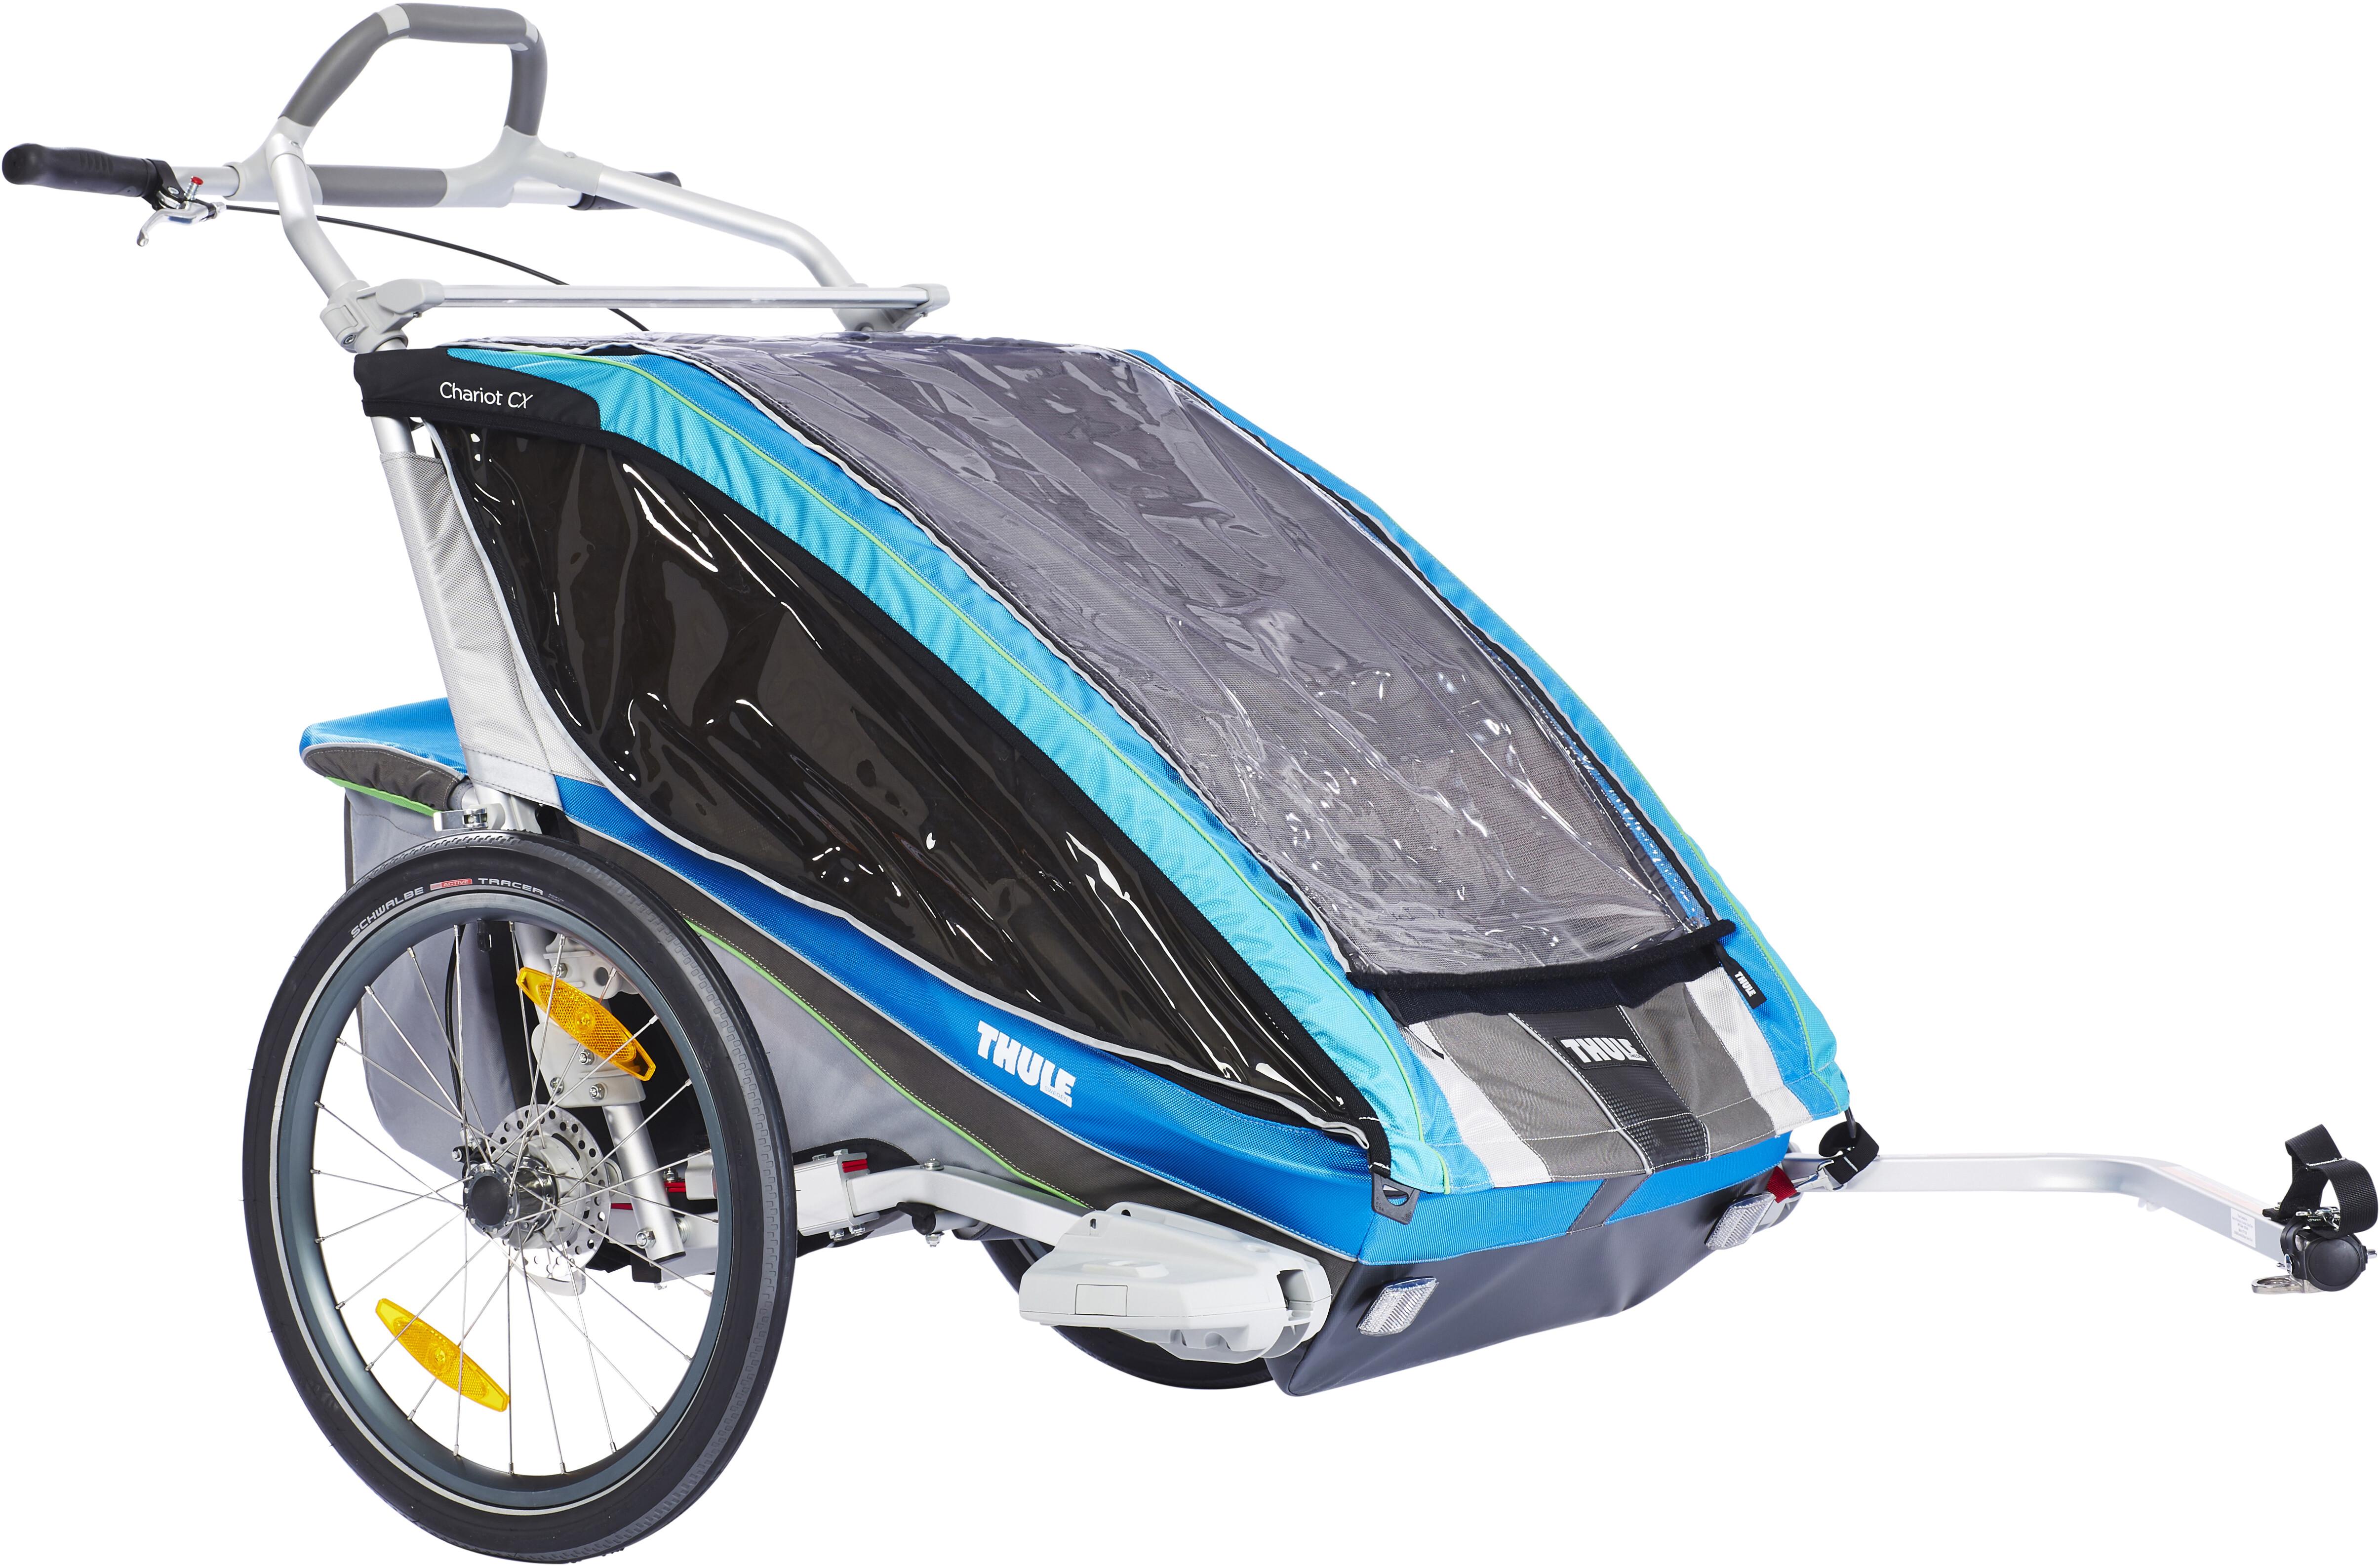 Klettergurt Gelbox : Thule chariot cx2 fahrradset blau campz.de